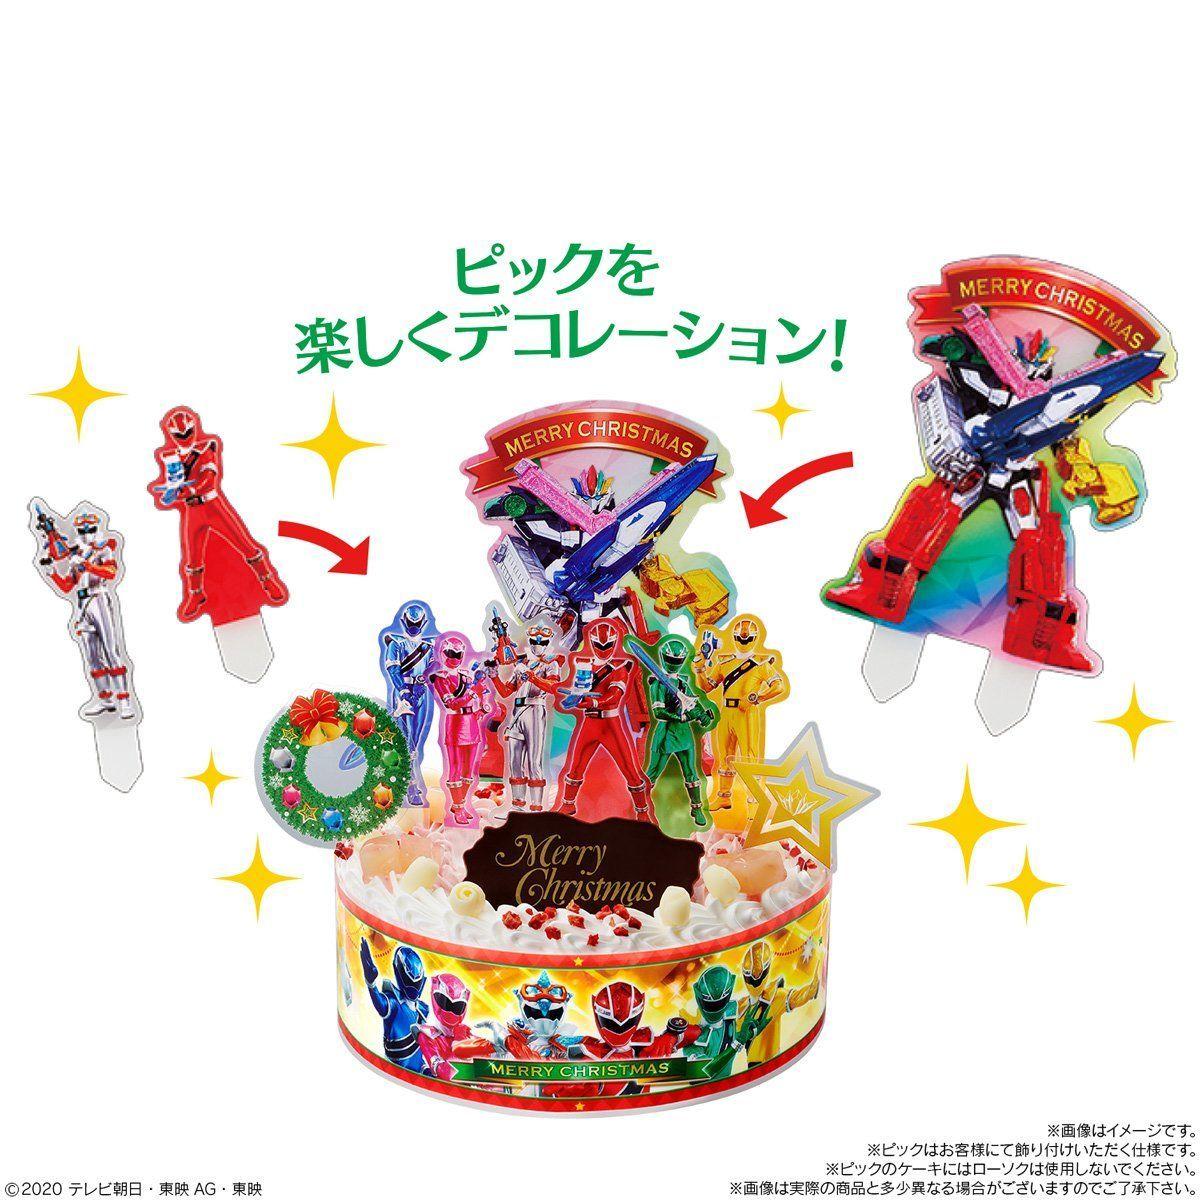 【特典あり】キャラデコクリスマス 魔進戦隊キラメイジャー[5号サイズ]_3